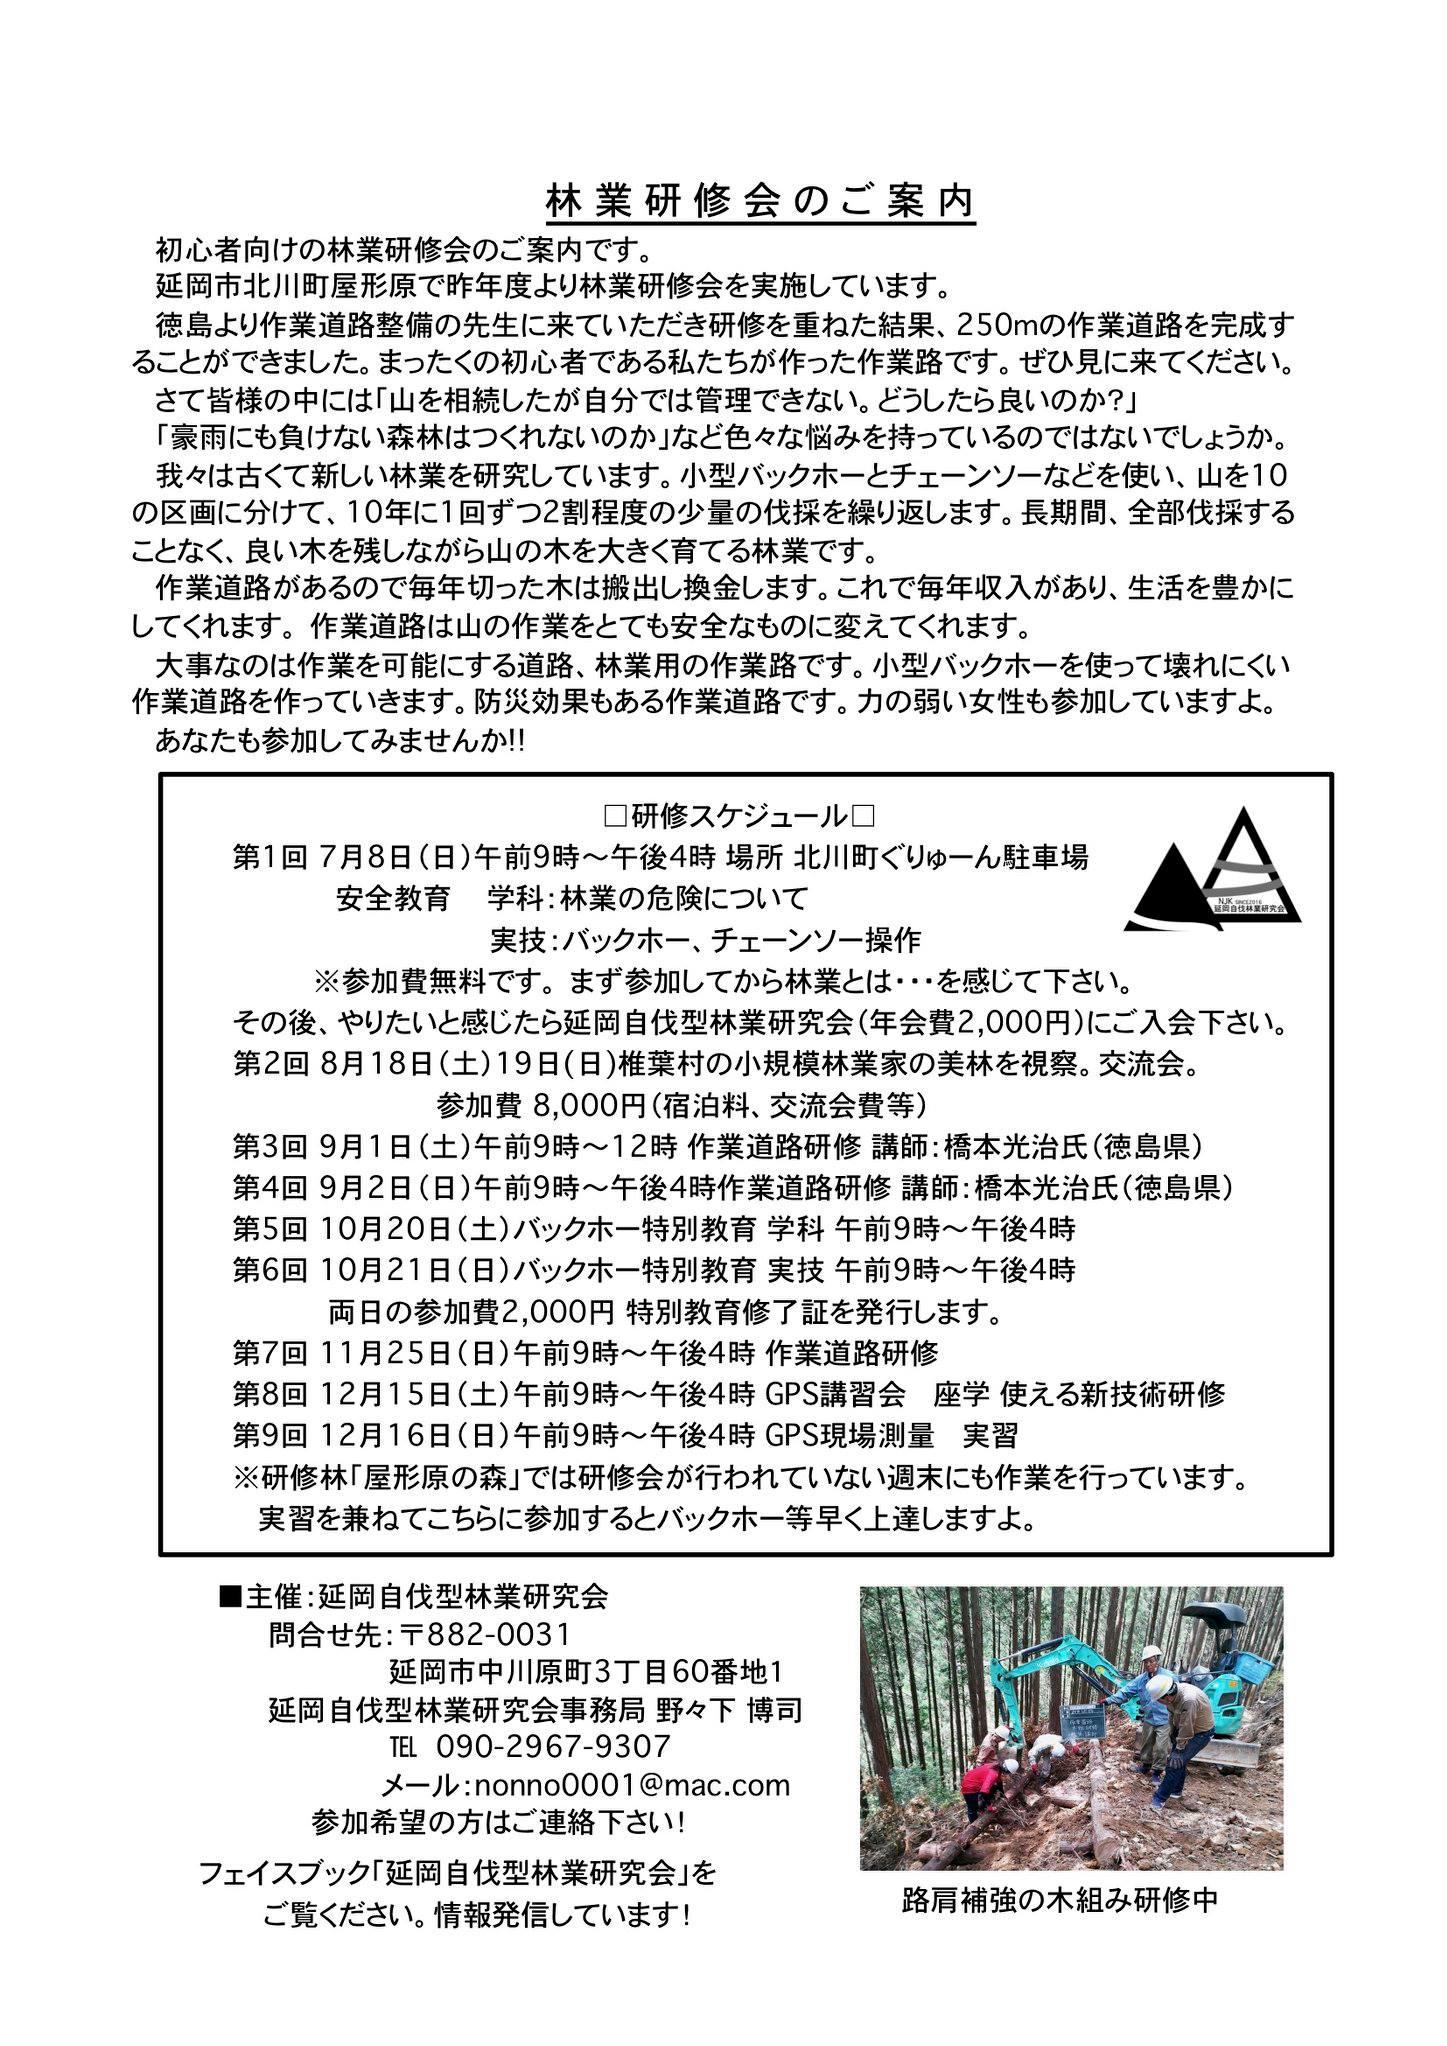 宮崎県延岡市にて連続講習「林業研修会」が開催されます。